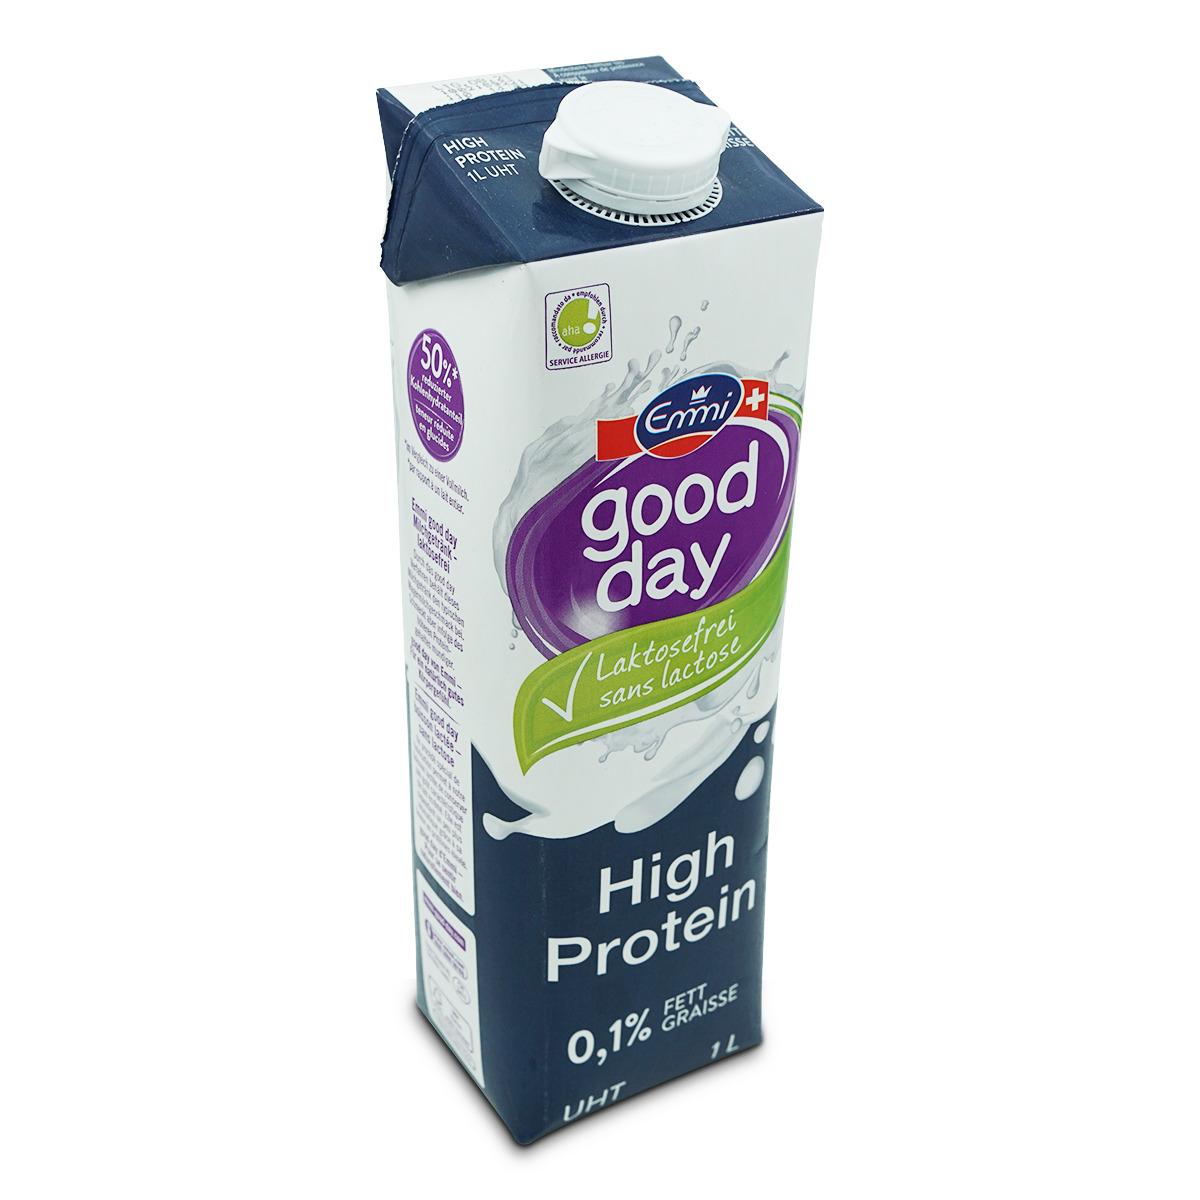 Emmi Good Day Protein-Milch